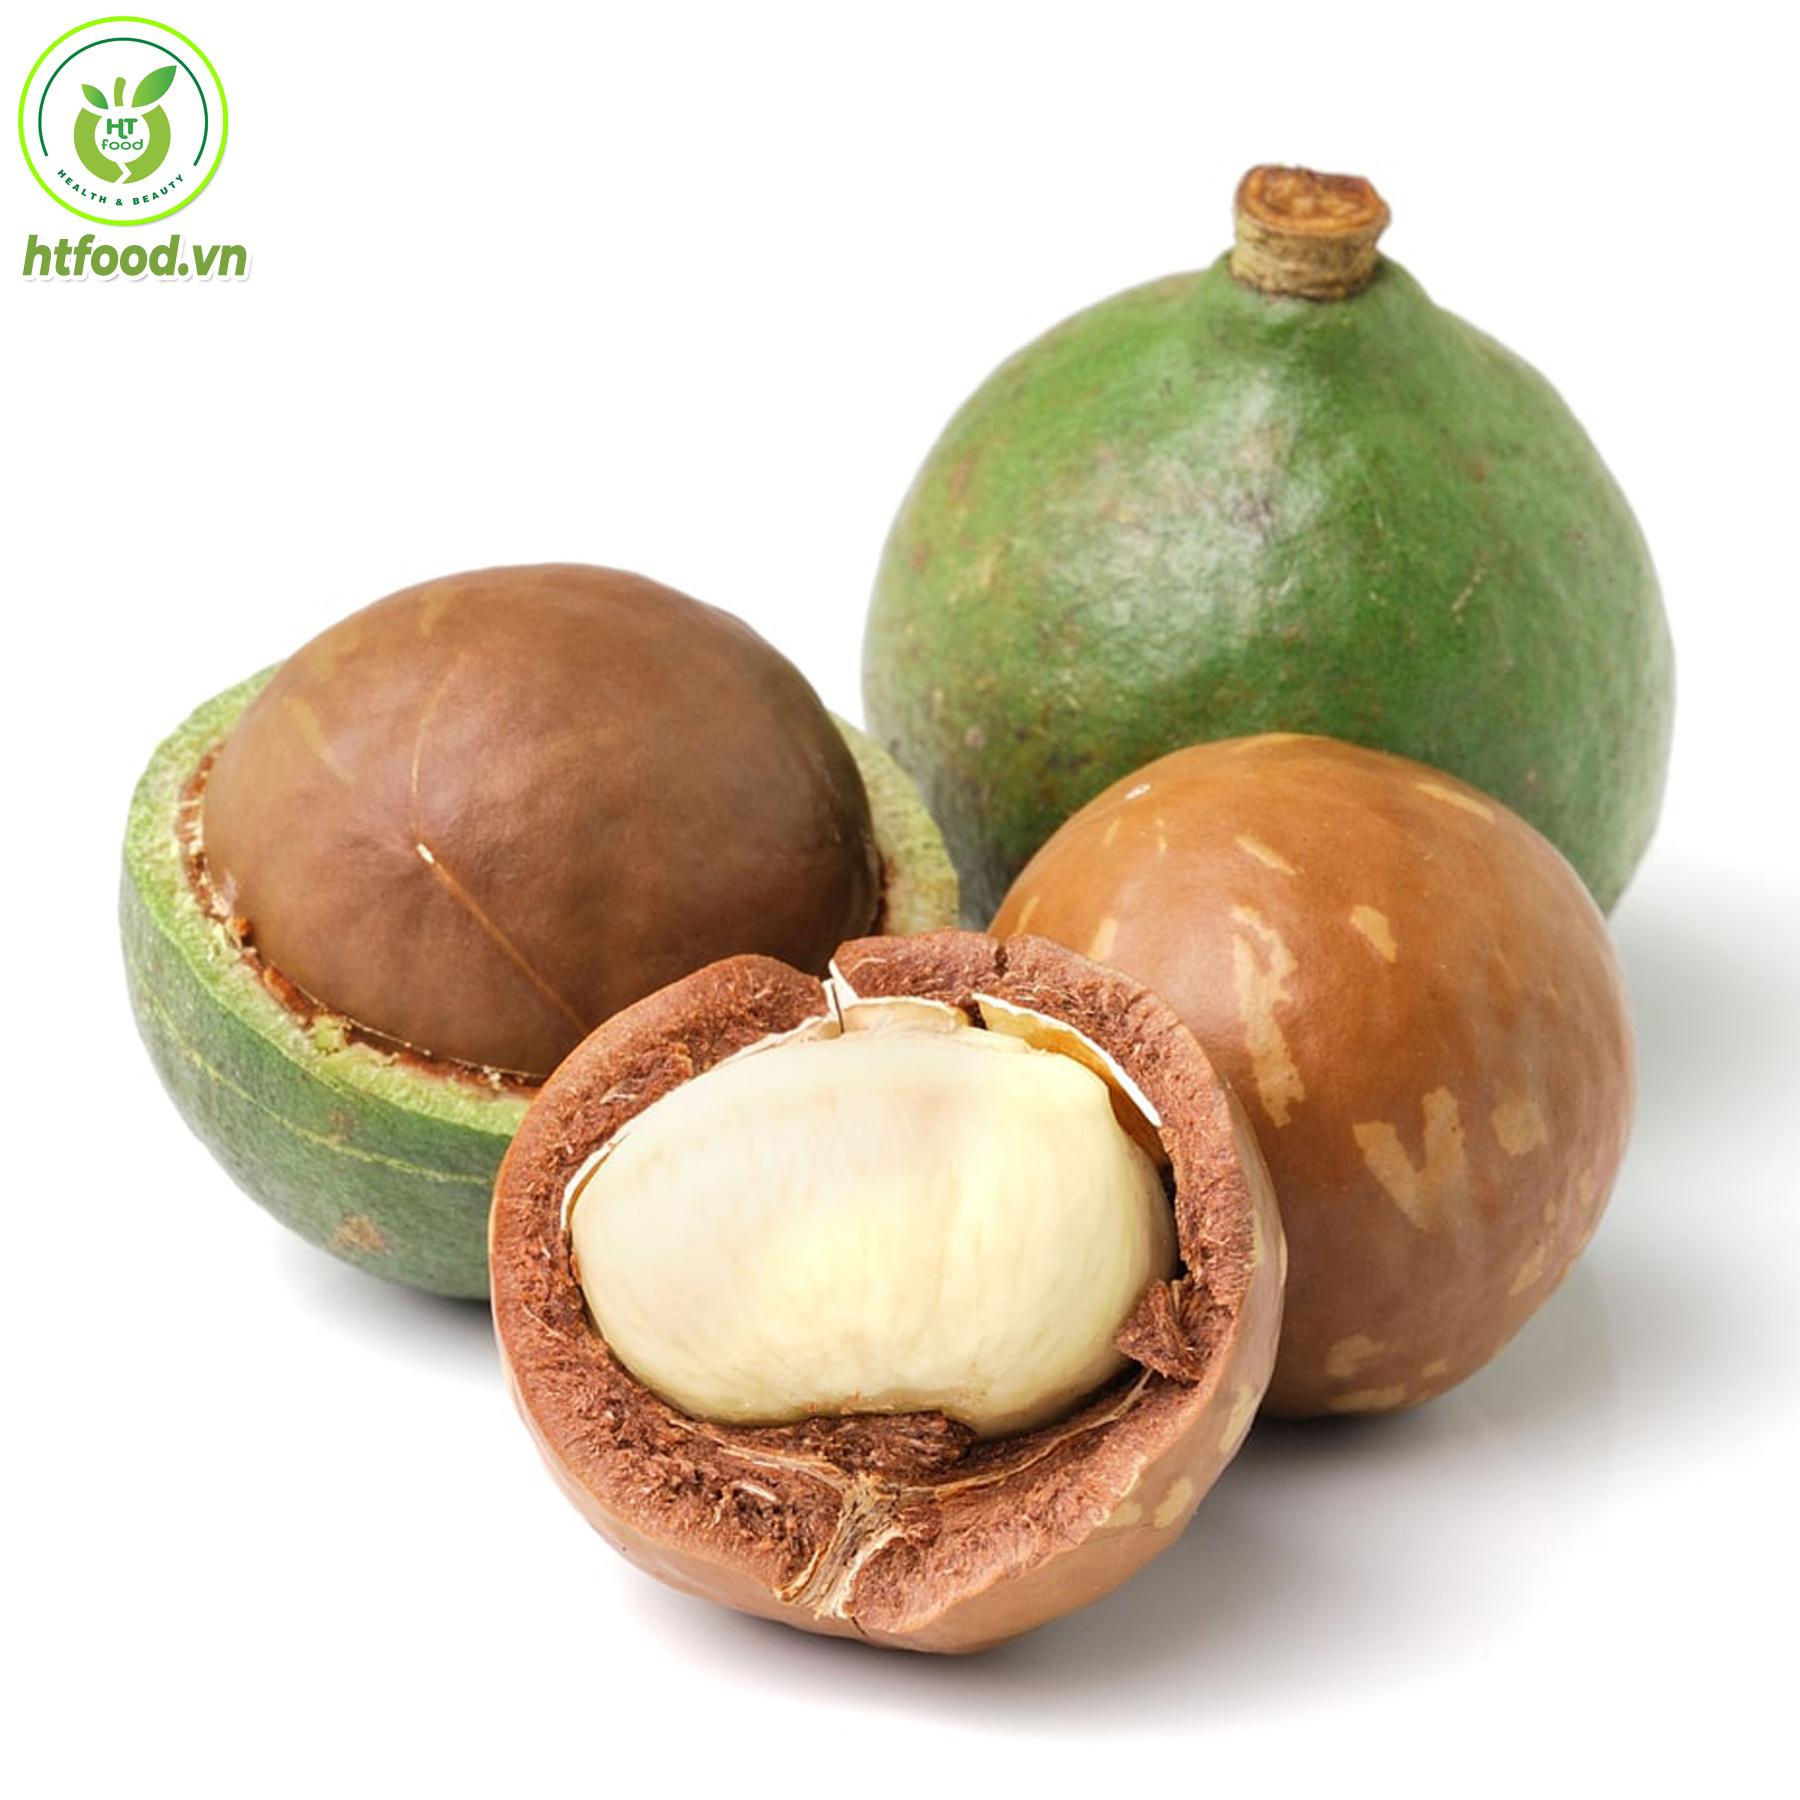 Hạt macadamia